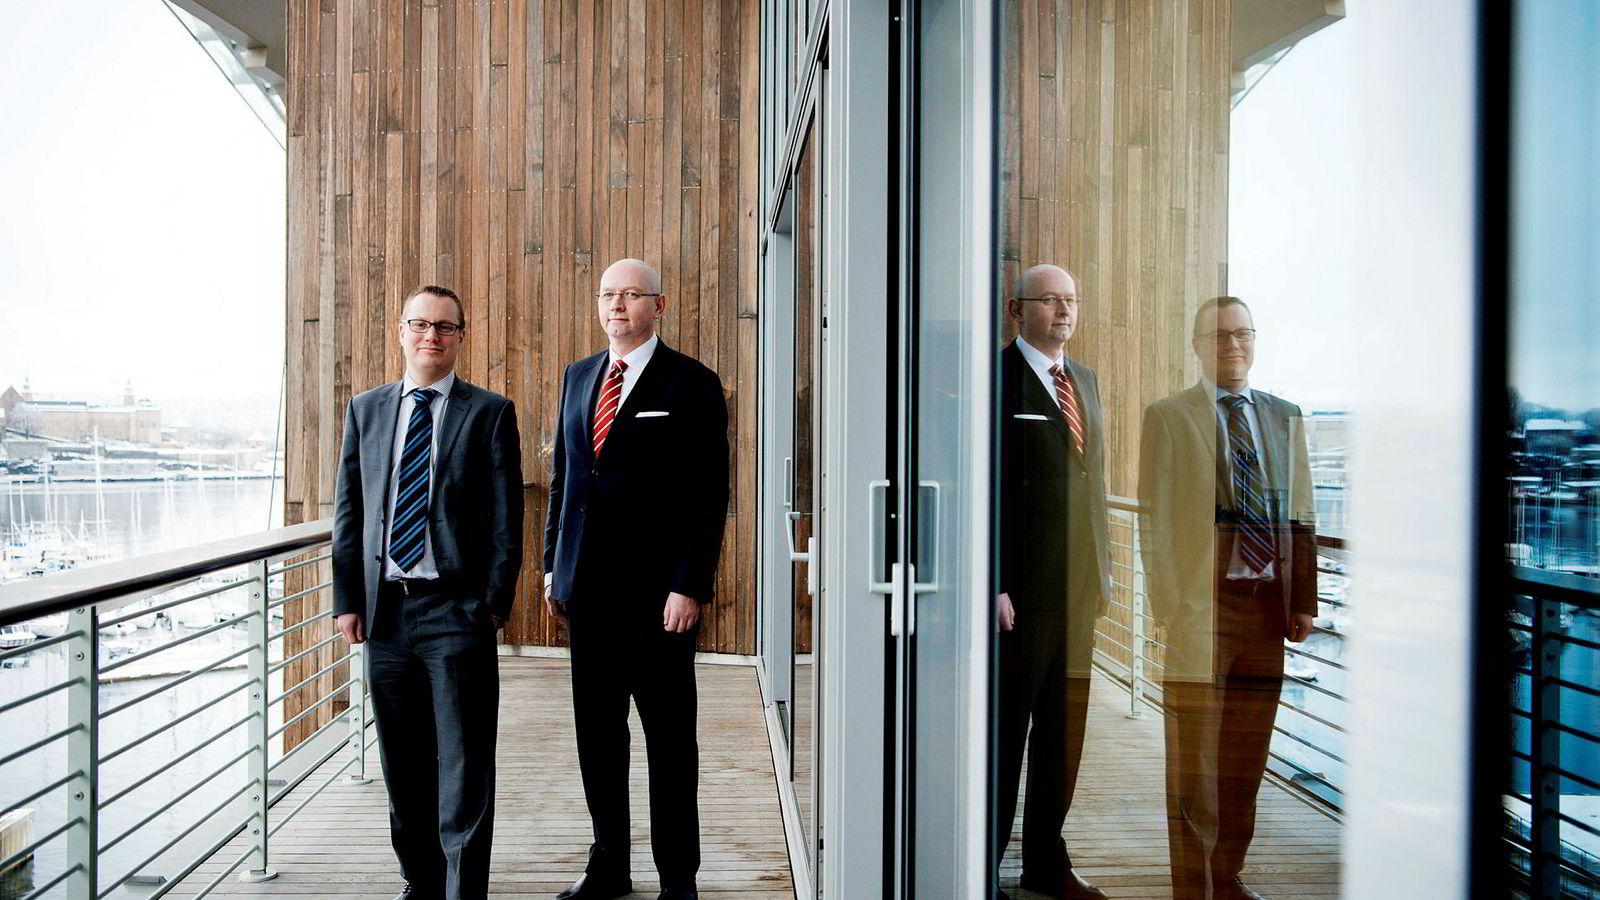 Anders Høifødt (til venstre) er partner og investeringsdirektør i Nord Kapitalforvaltning. Her sammen med Bjørn Hesthamar, managing partner i Nord Kapitalforvaltning.